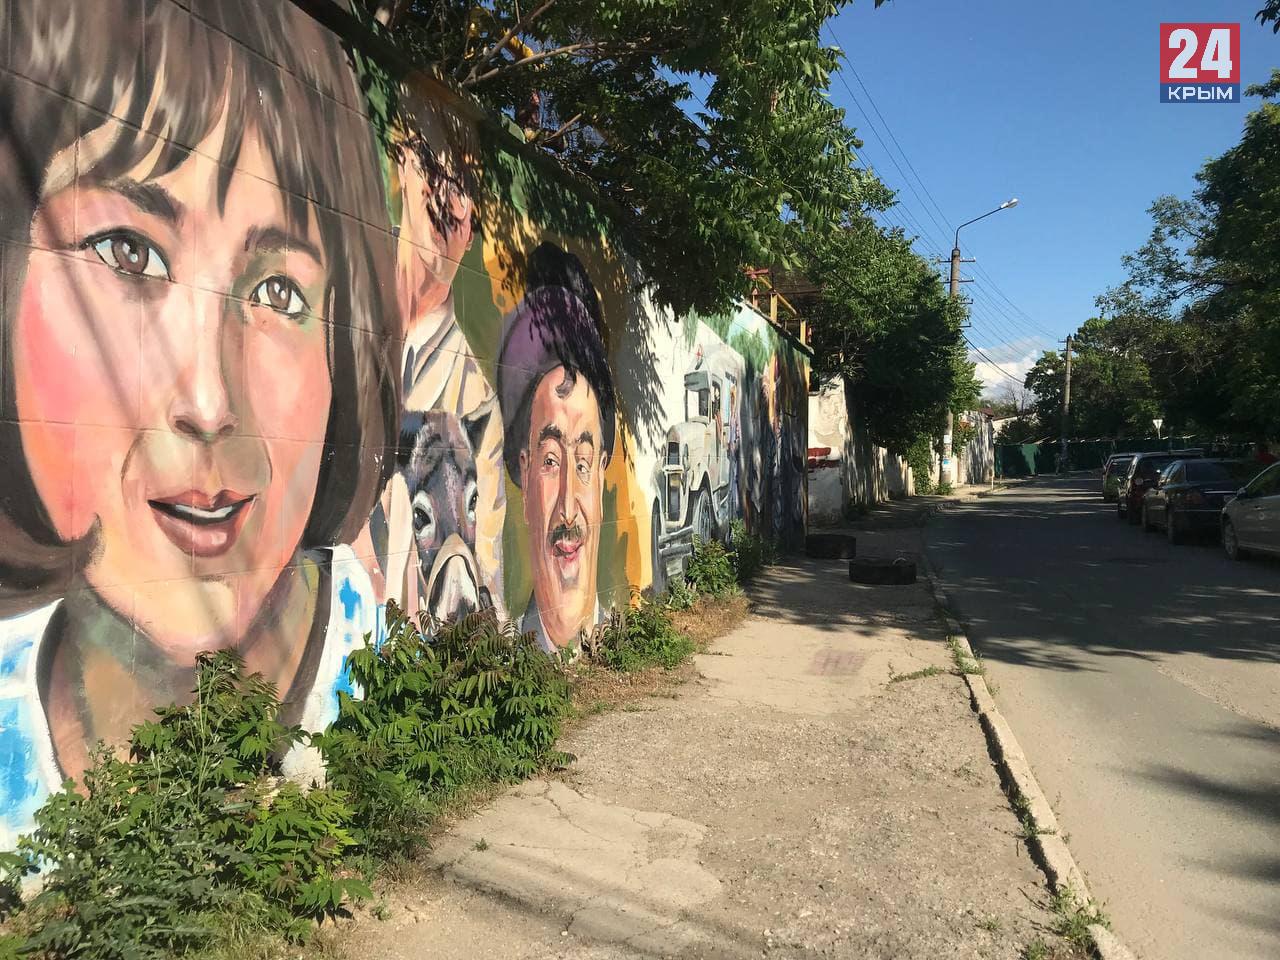 В Симферополе снесли забор «психбольницы» из «Кавказской пленницы», граффити не тронули. Фото